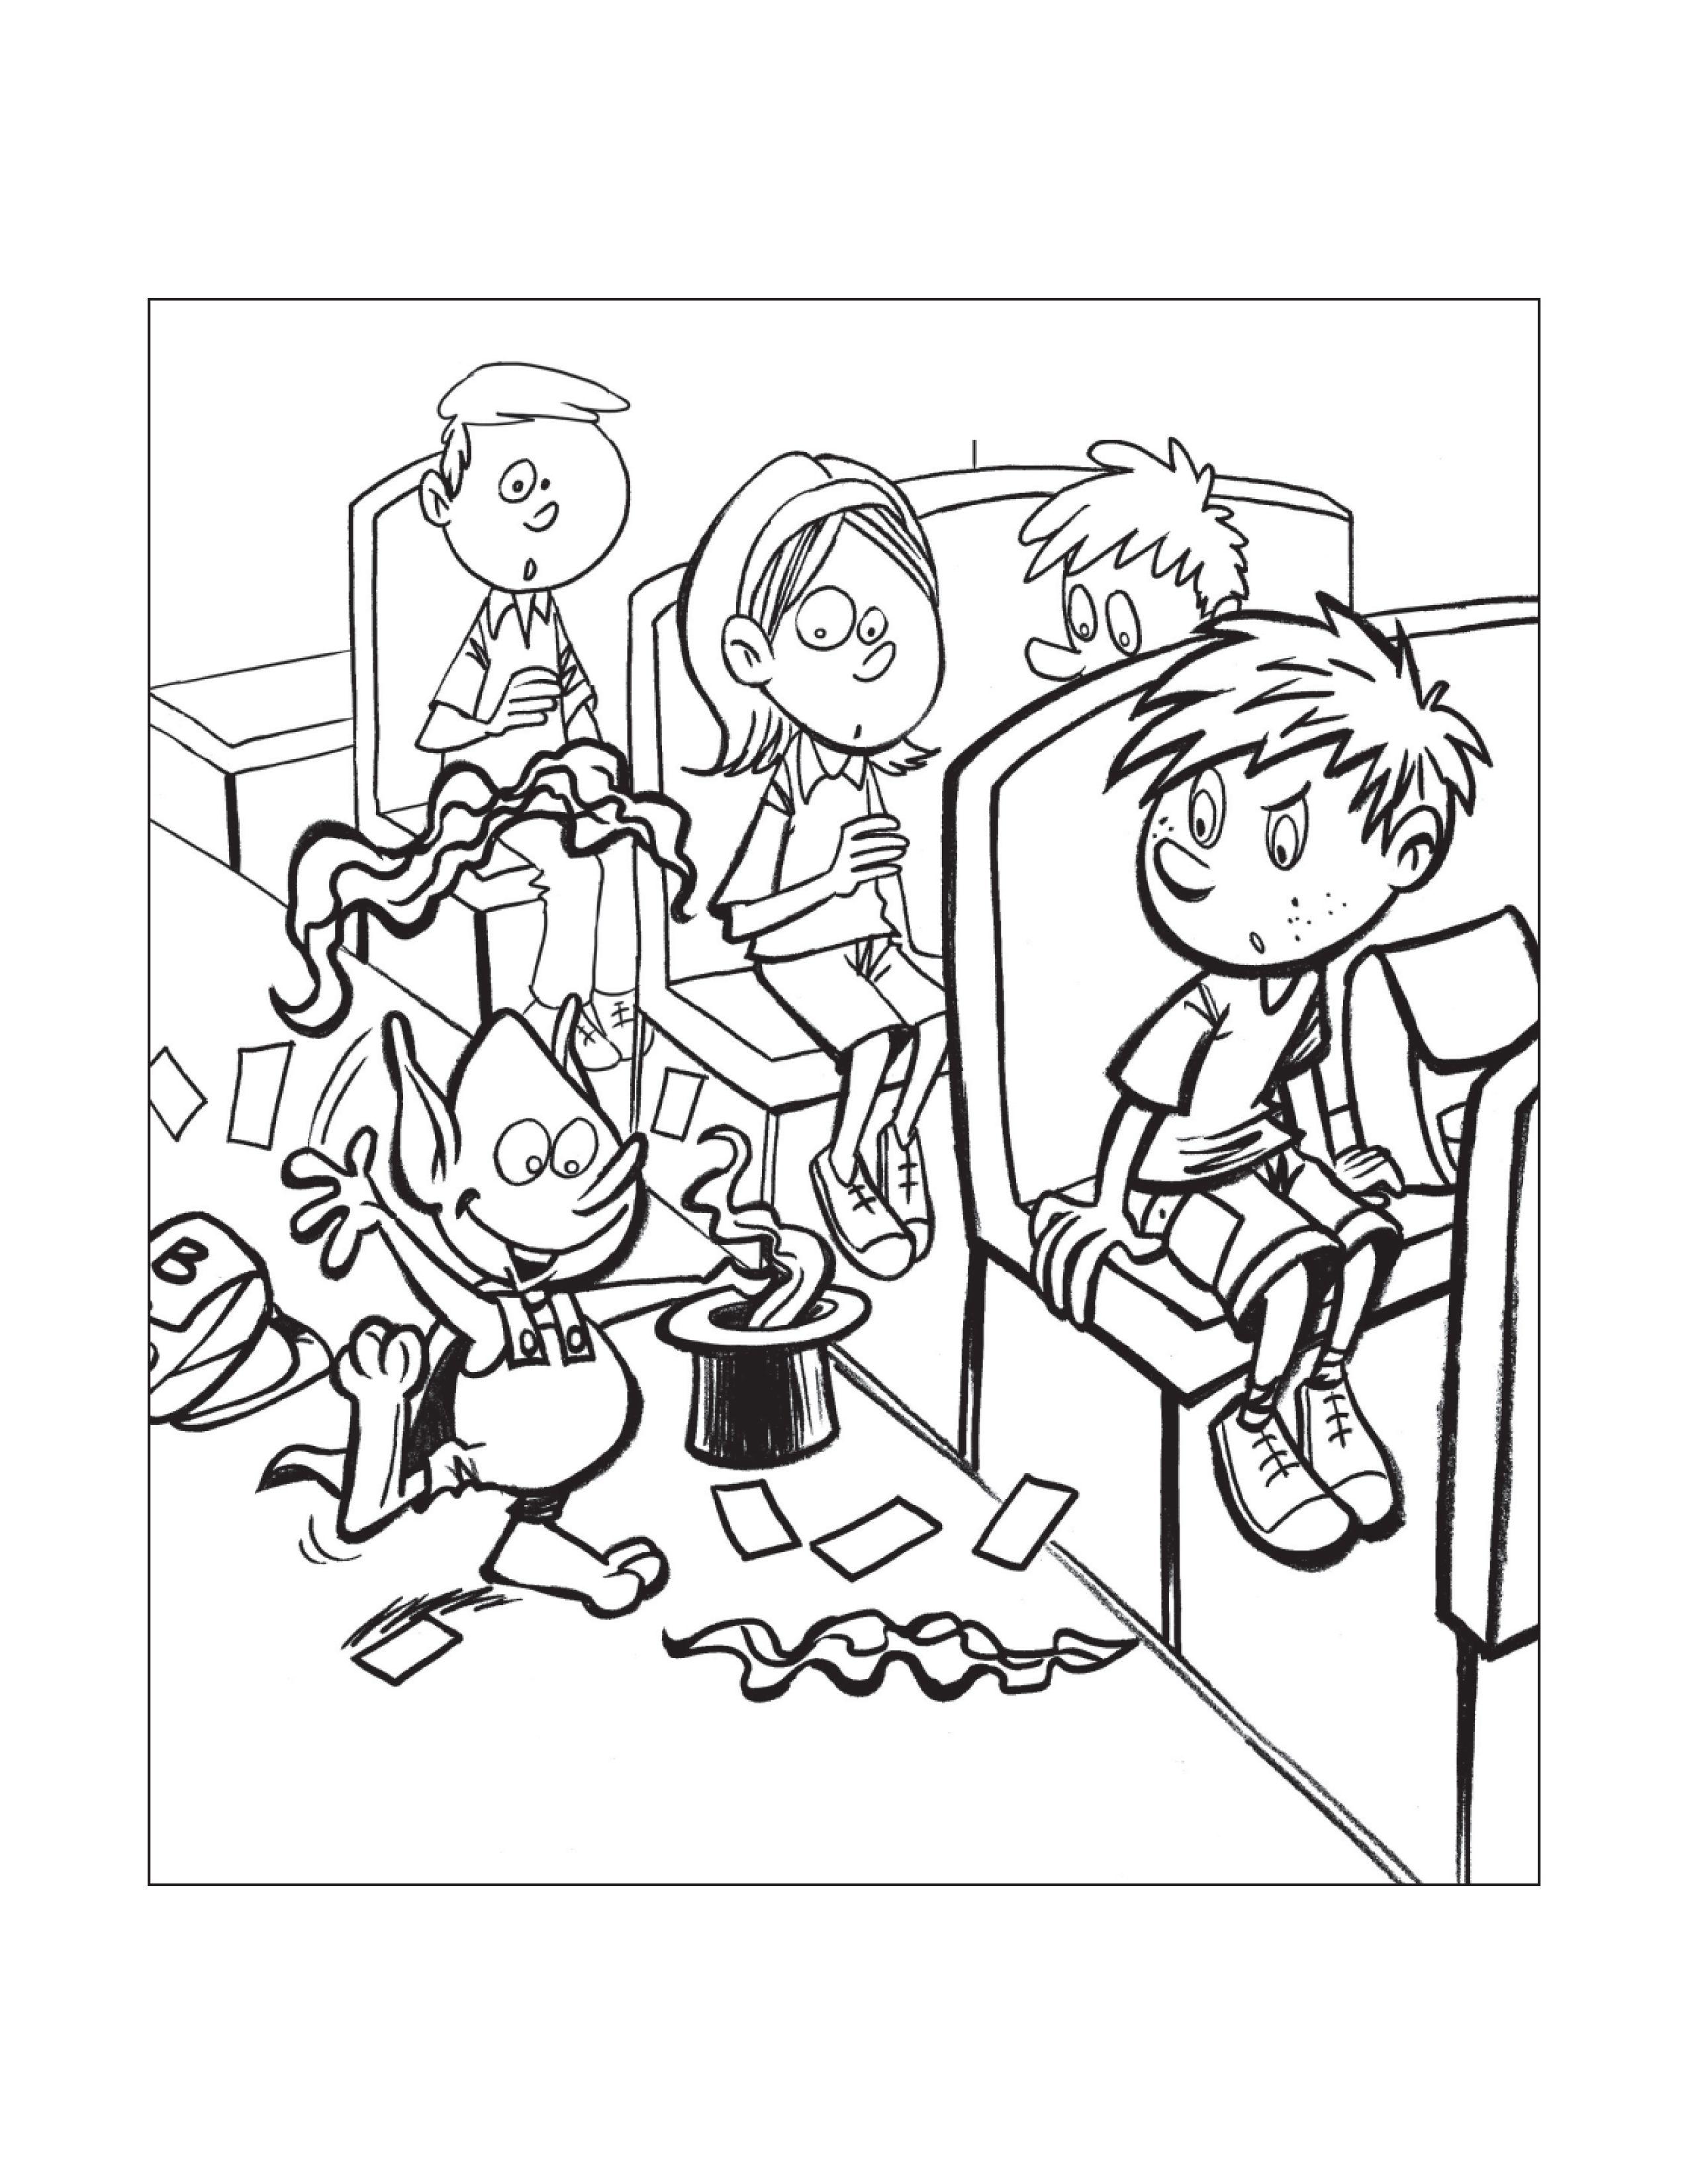 Dessin colorier de sam et bloup s curit en autobus - Autobus scolaire dessin ...